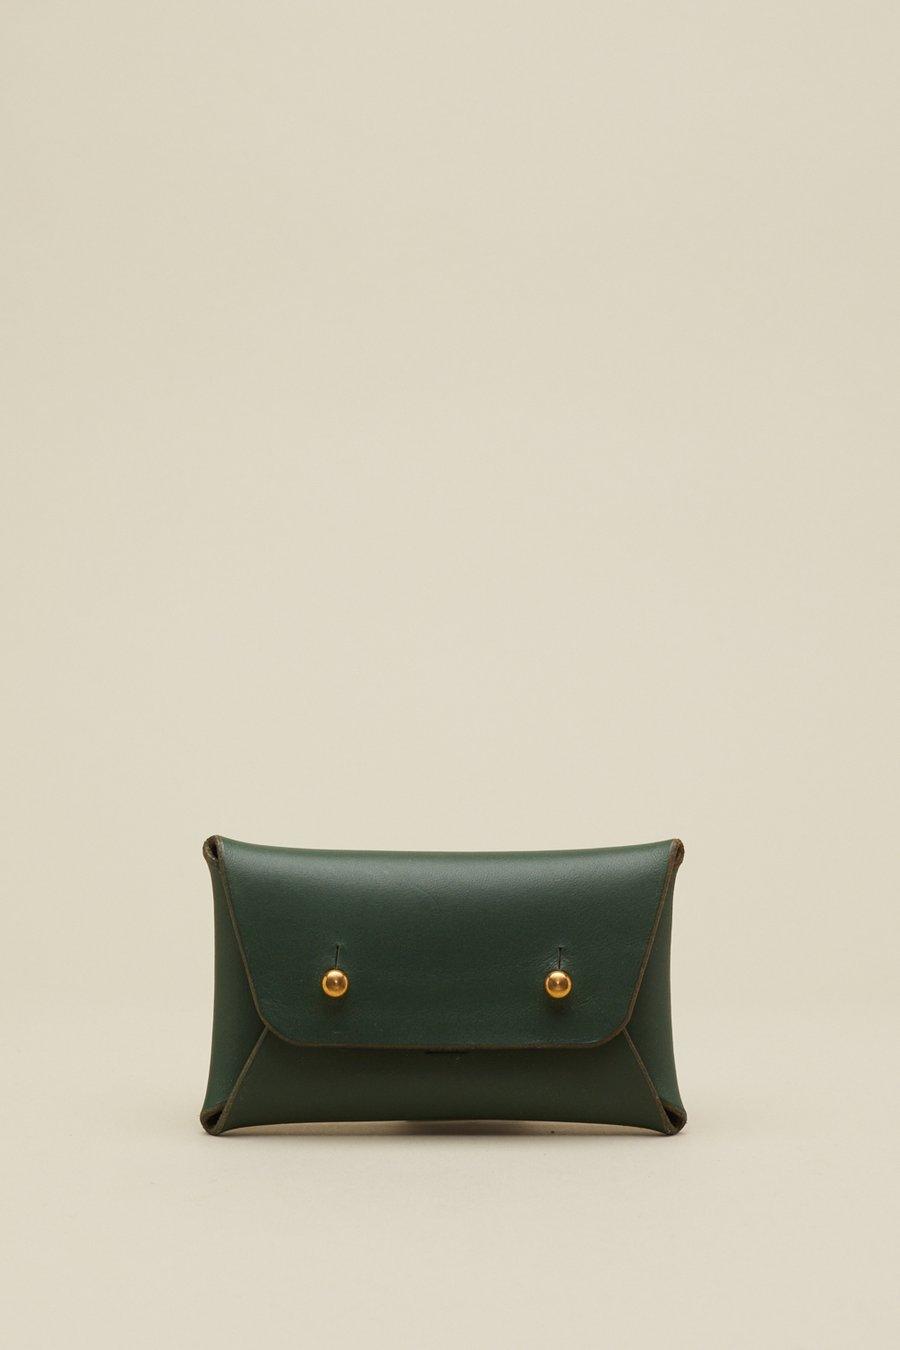 Image of Envelope Wallet in Racing Green